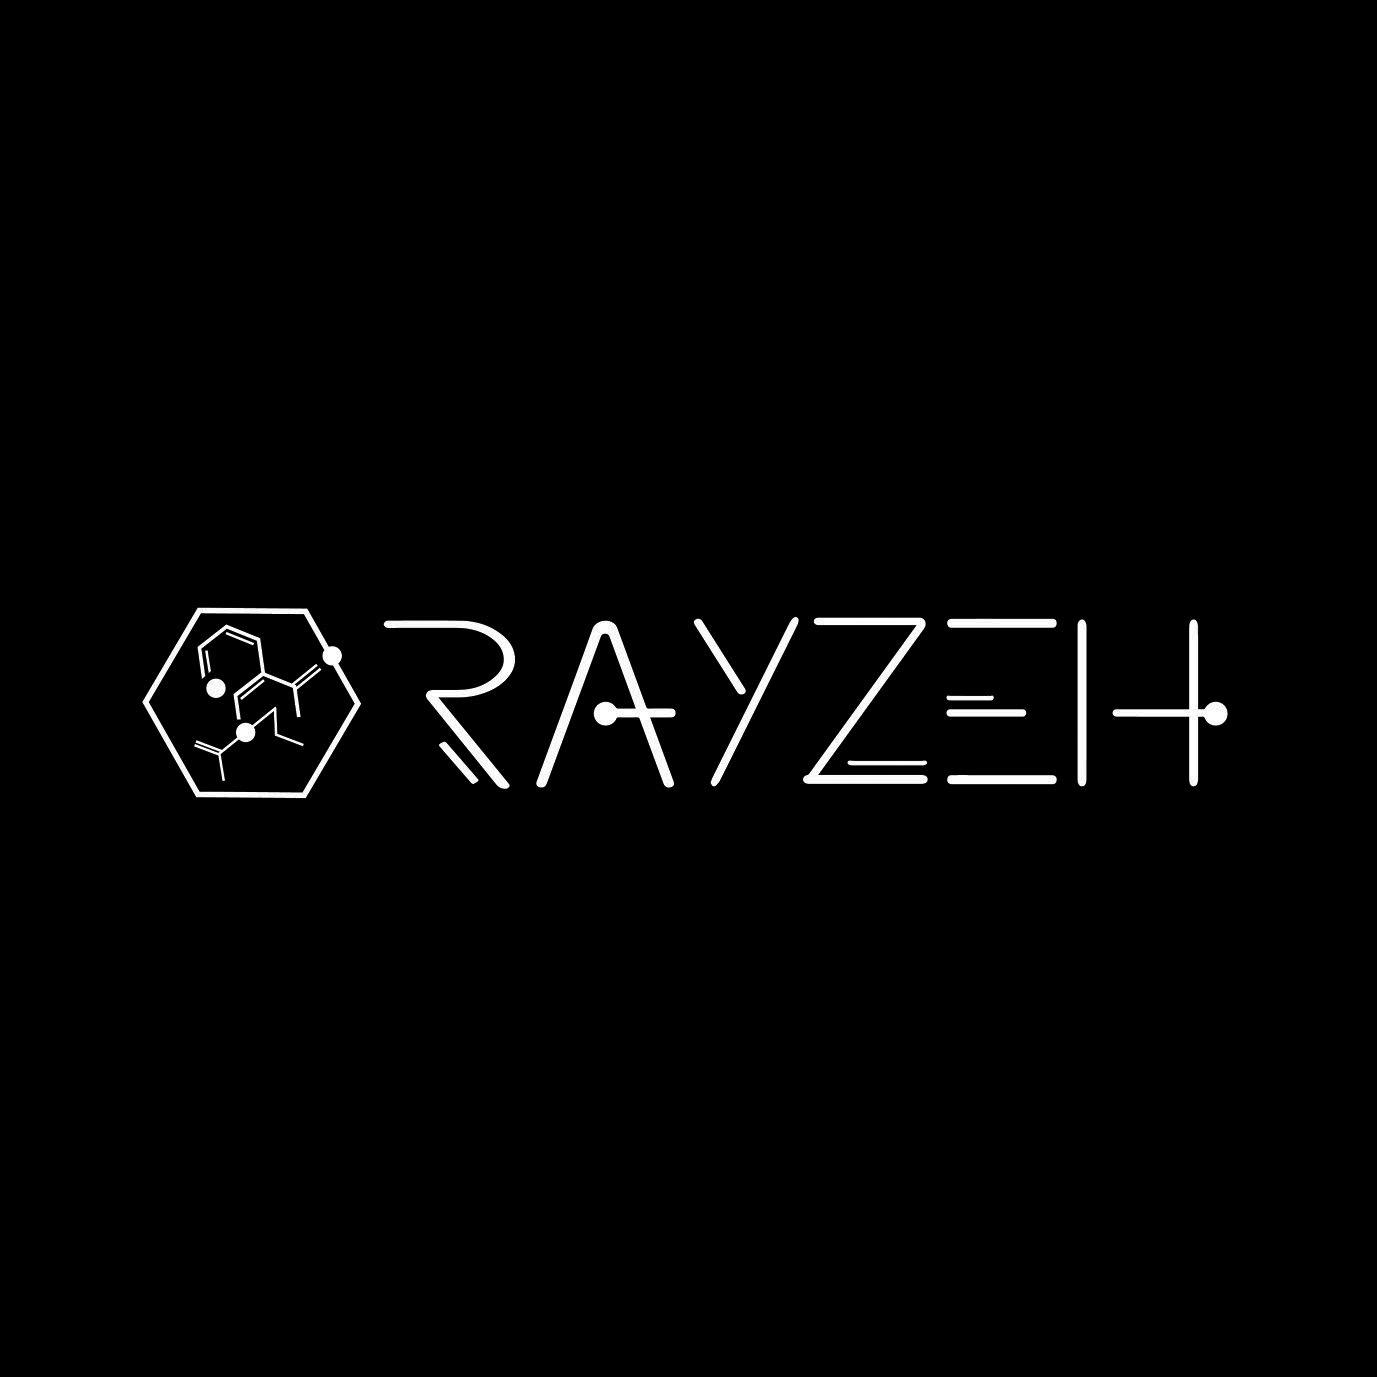 Rayzeh